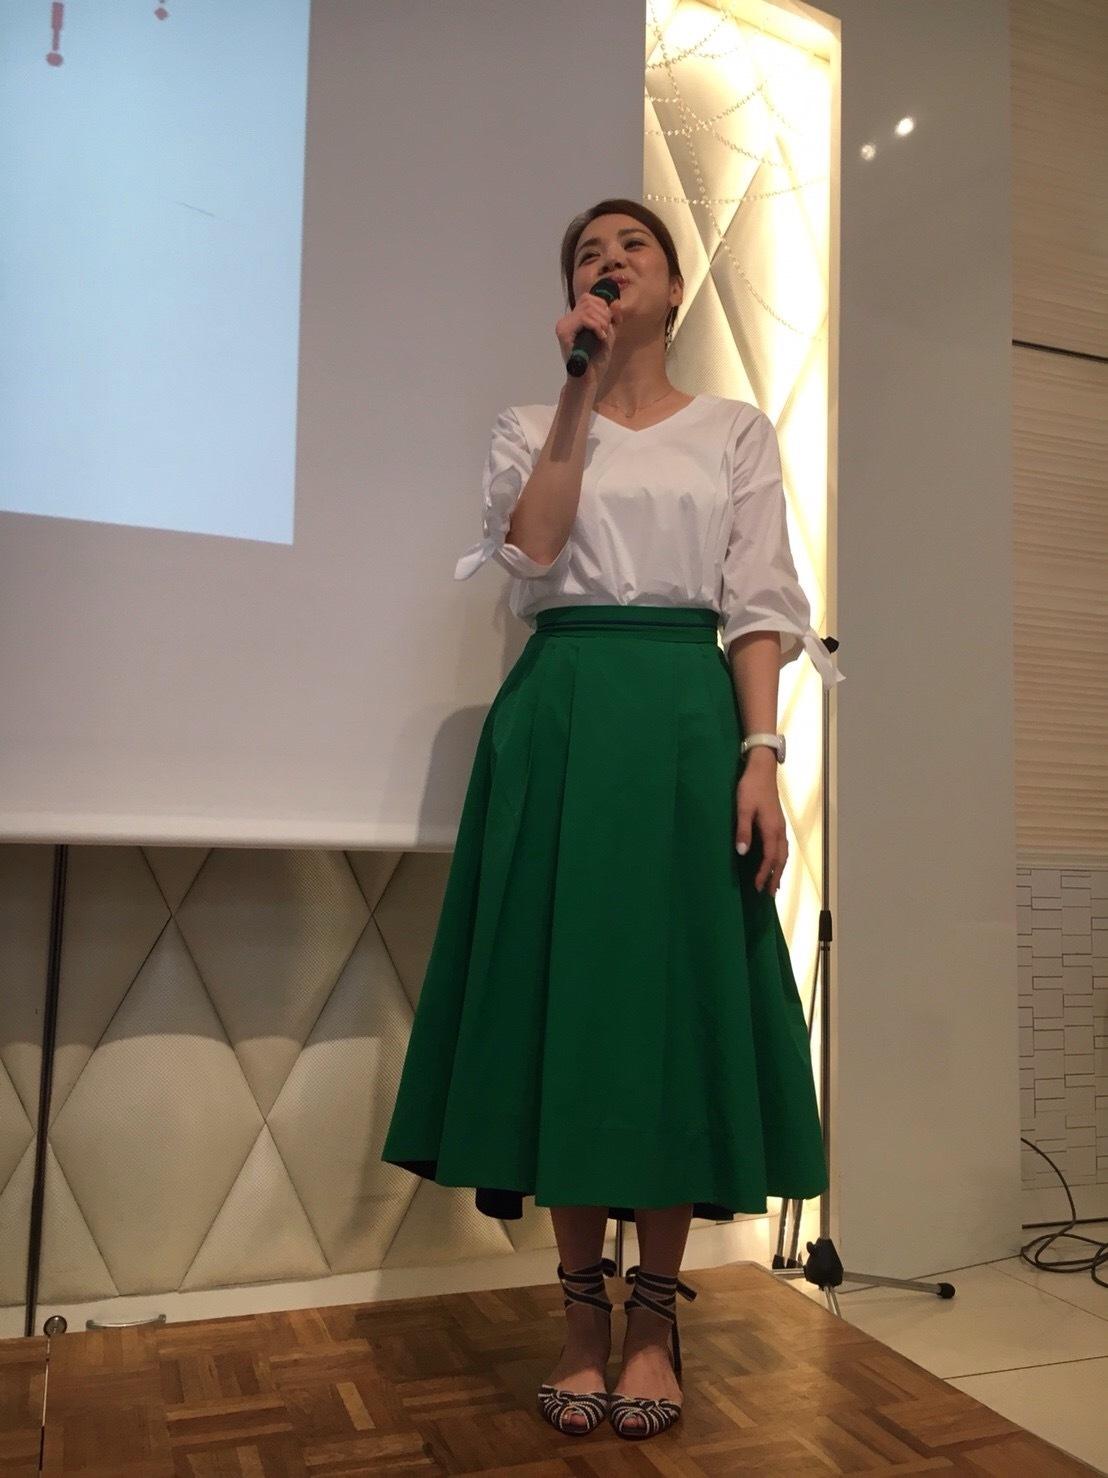 清潔感コーデに外せない白シャツとカラースカートを合わせてみる!_1_1